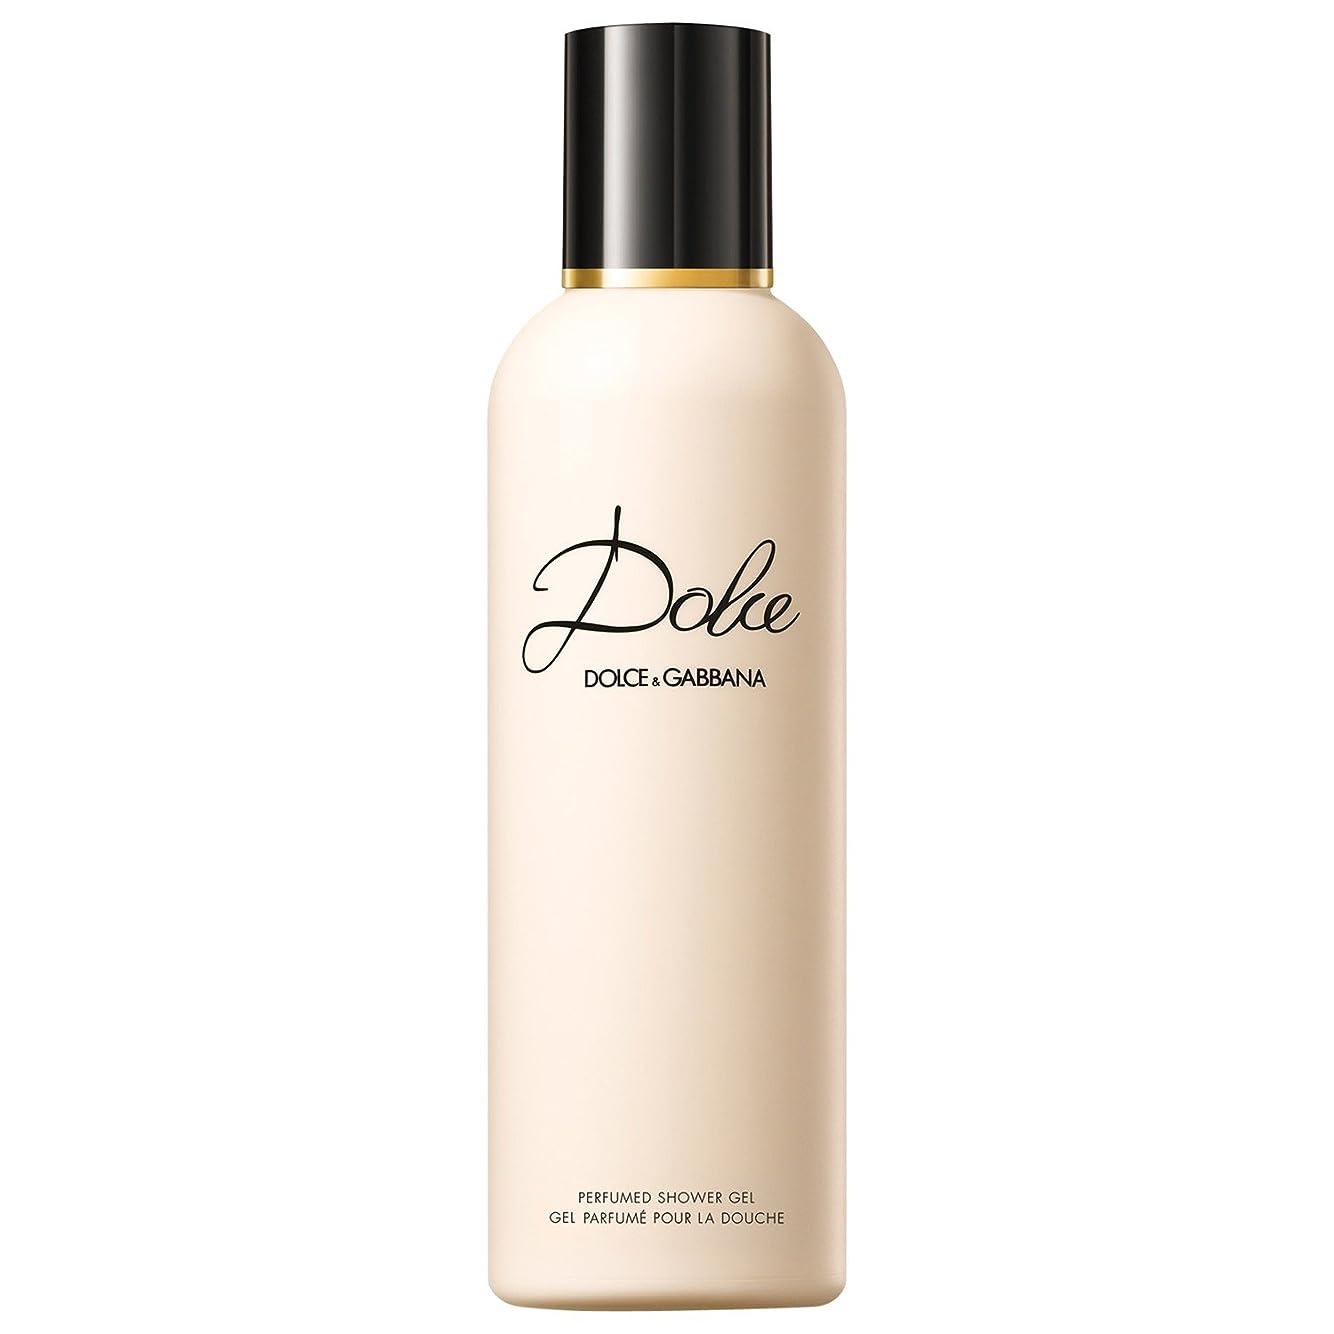 ジャベスウィルソンスノーケル仲介者ドルチェ&ガッバーナドルチェシャワージェル200ミリリットル (Dolce & Gabbana) (x6) - Dolce & Gabbana Dolce Shower Gel 200ml (Pack of 6) [並行輸入品]